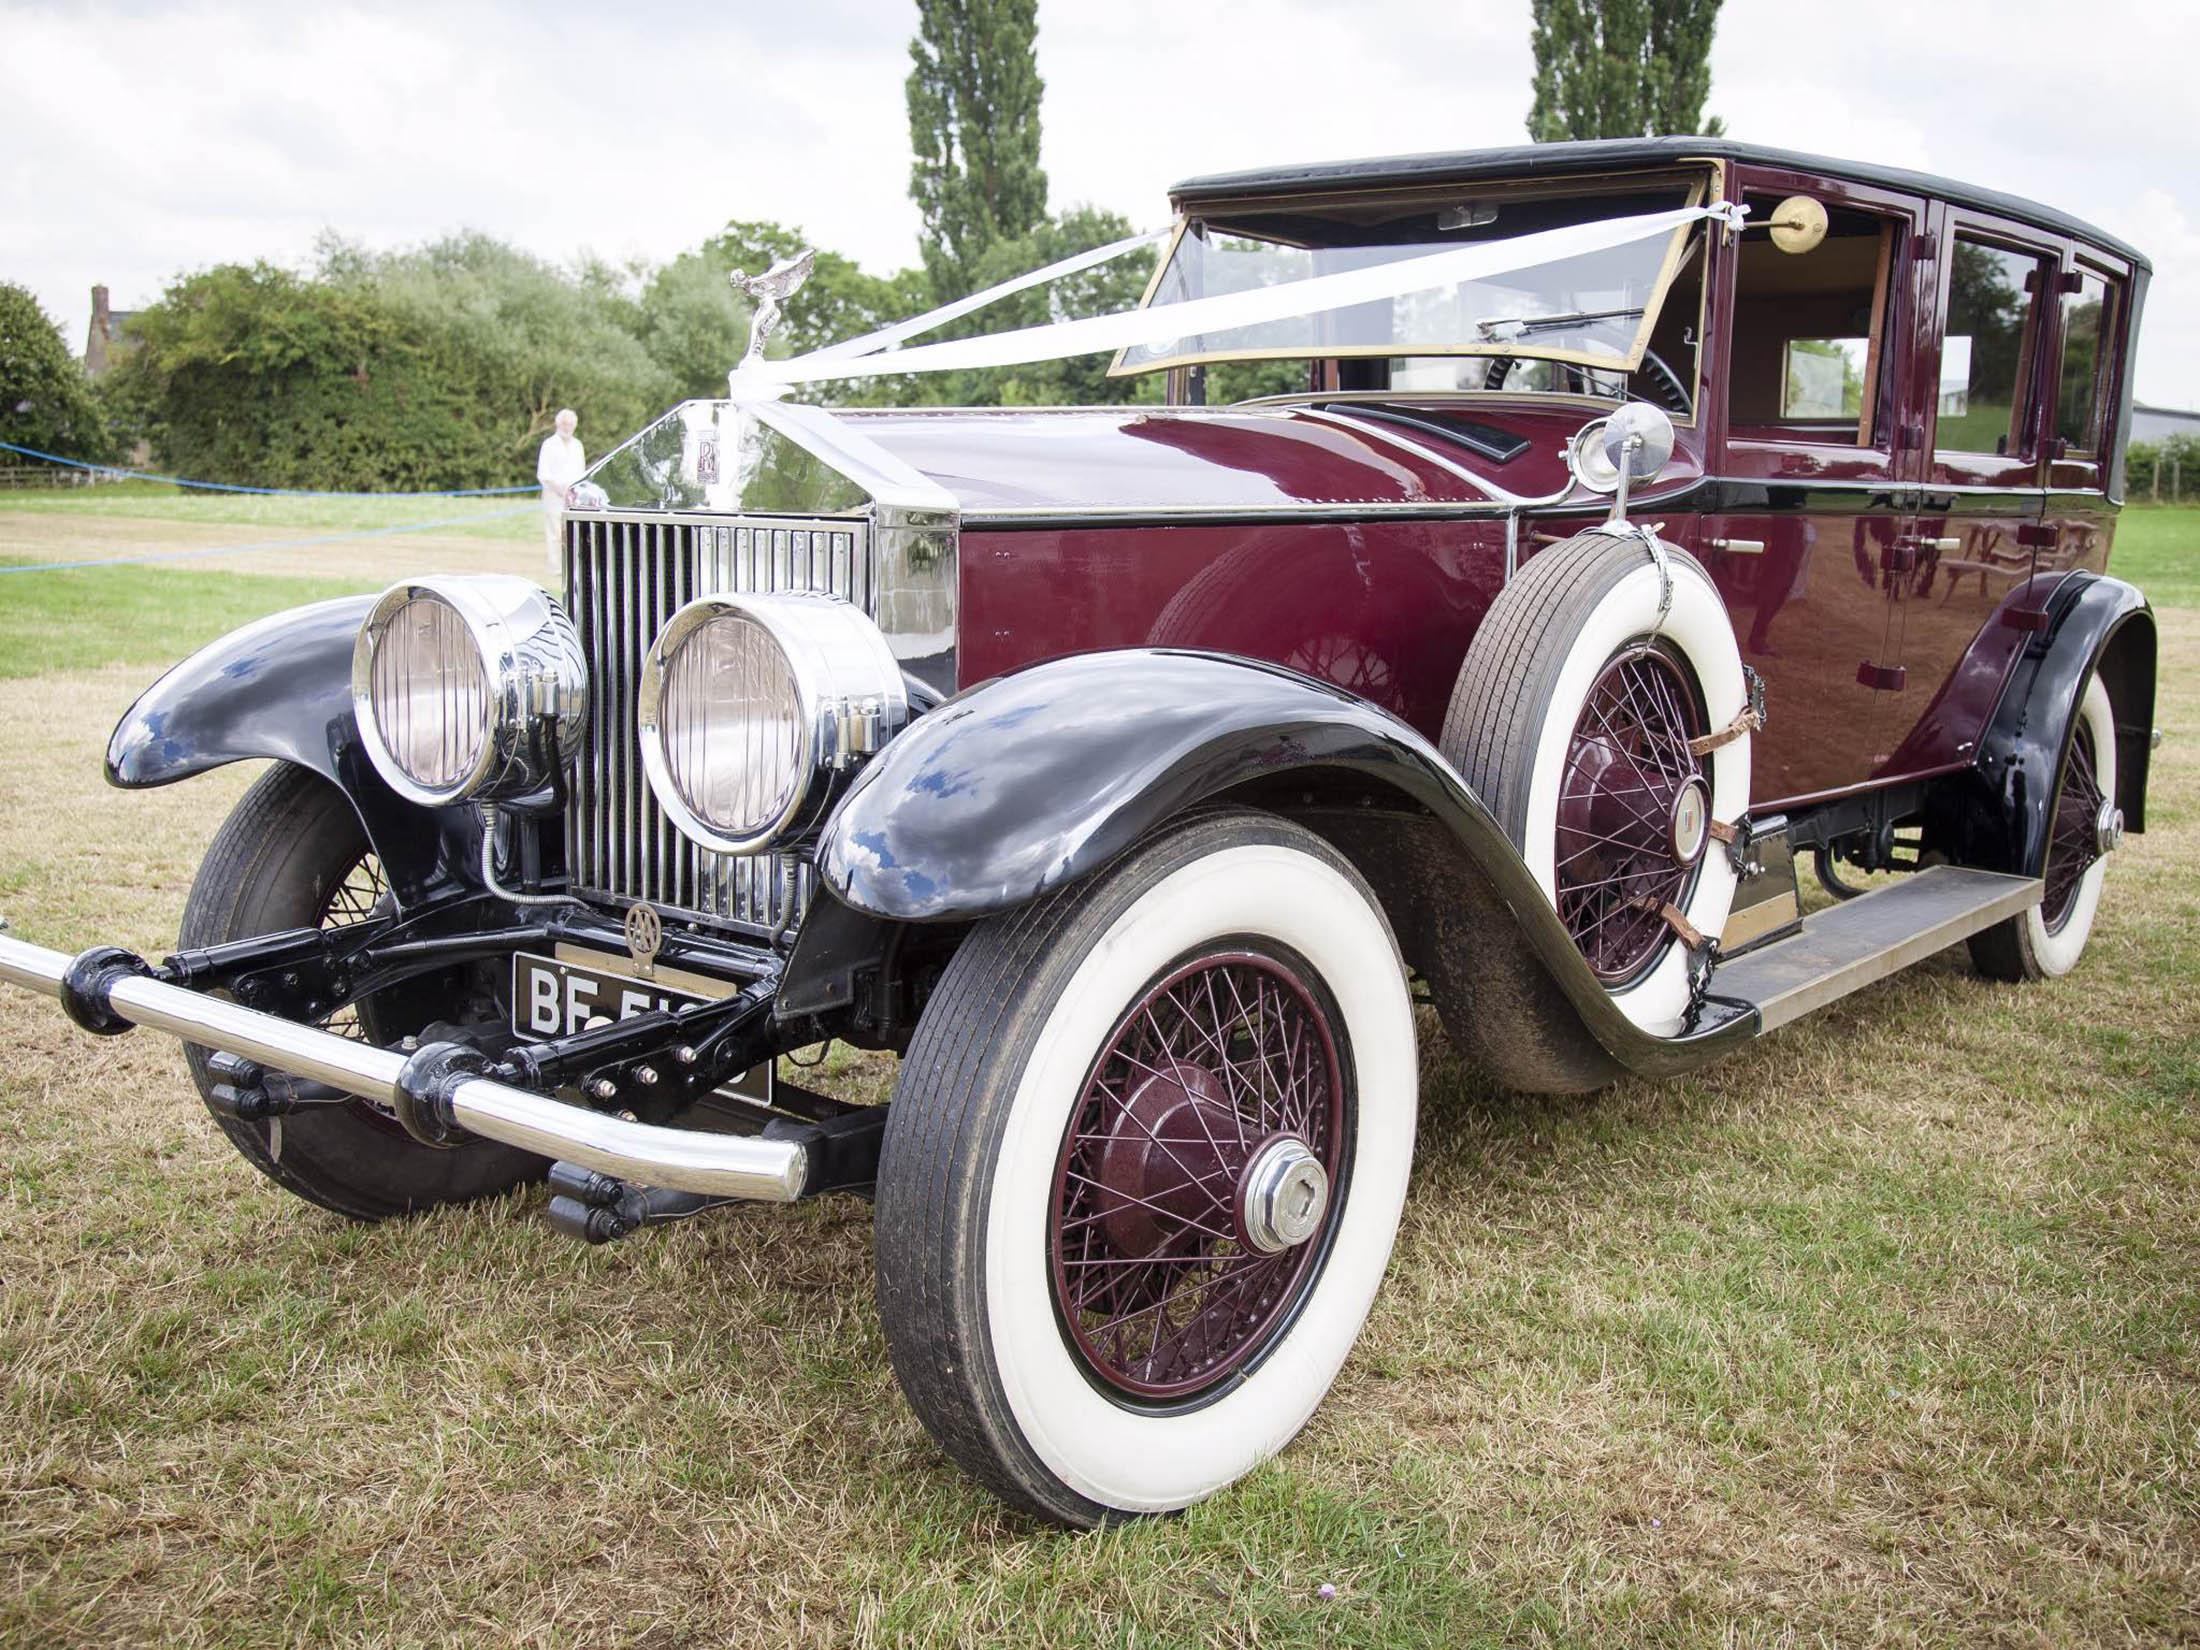 Buy Henry Goldman S 1928 Rolls Royce Limo For 150 000 Bloomberg